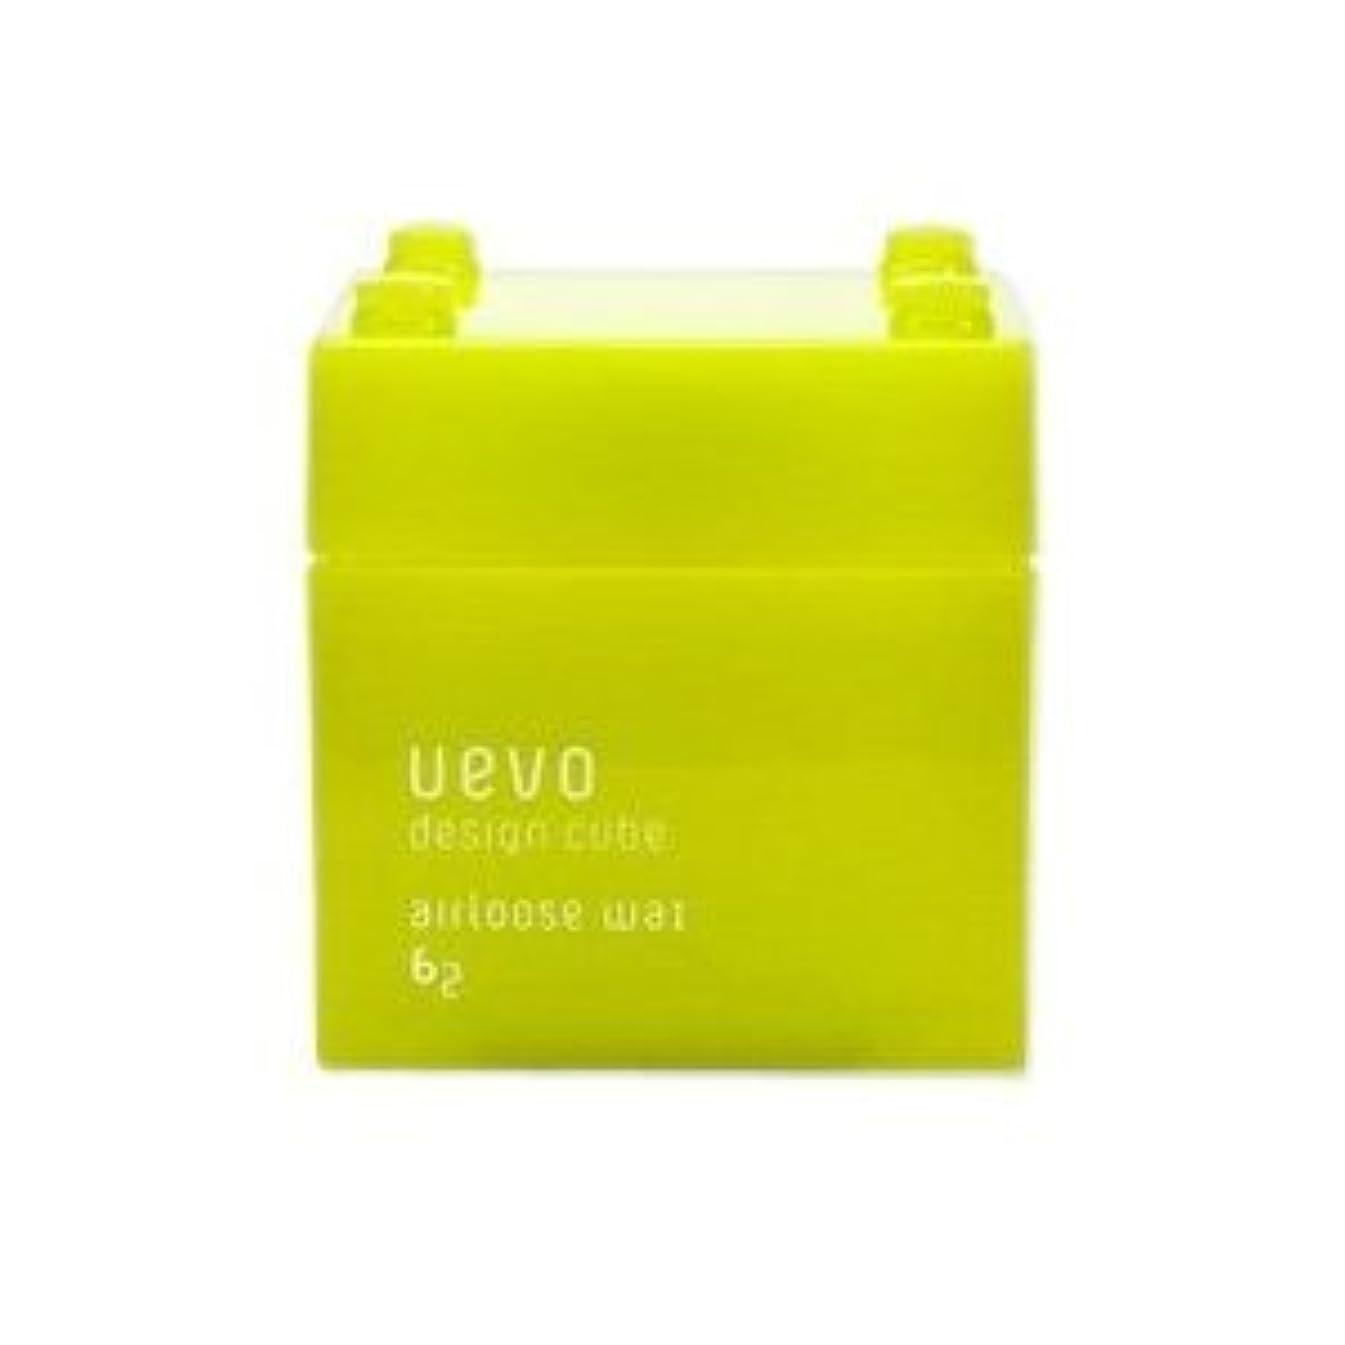 若者サイレンリマ【X2個セット】 デミ ウェーボ デザインキューブ エアルーズワックス 80g airloose wax DEMI uevo design cube